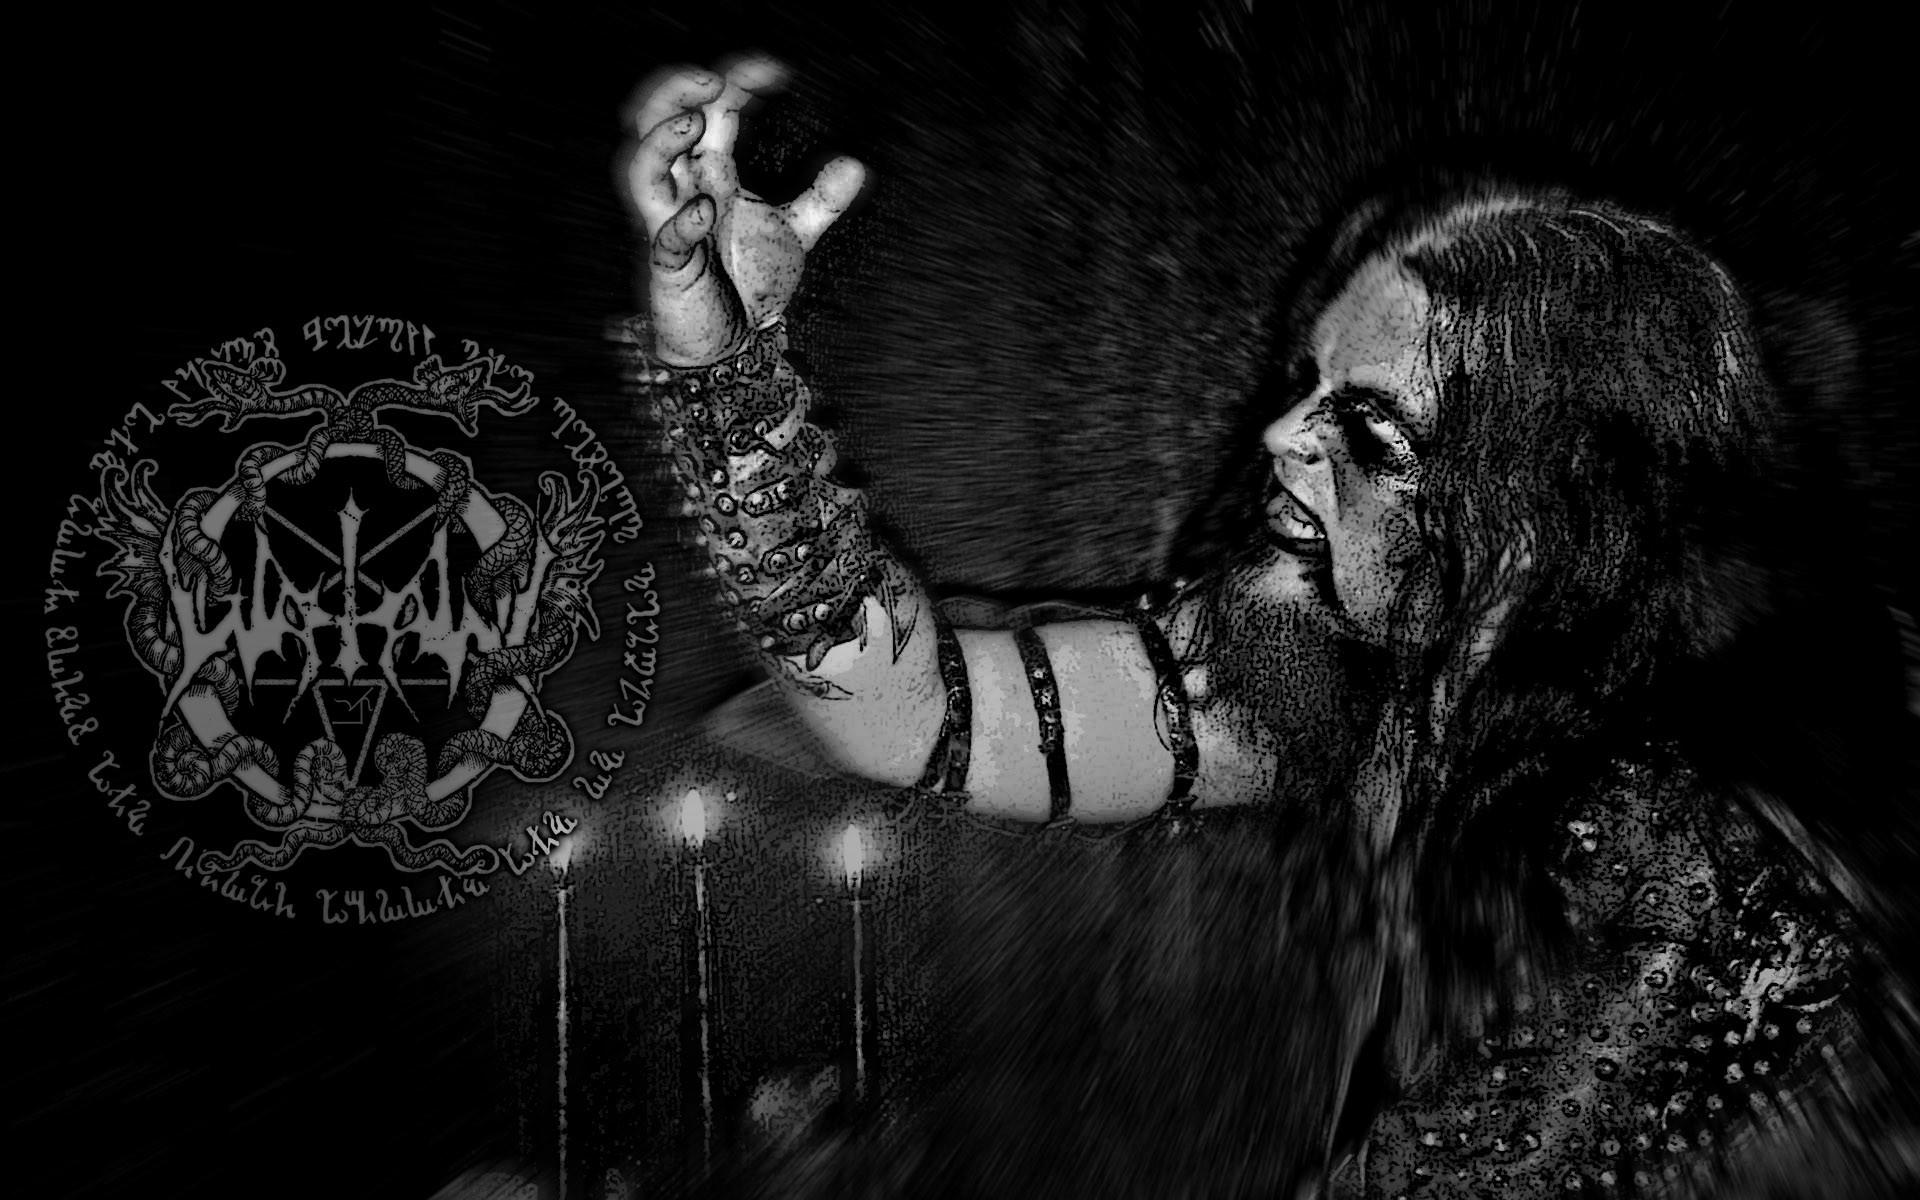 Black Metal Wallpaper 1